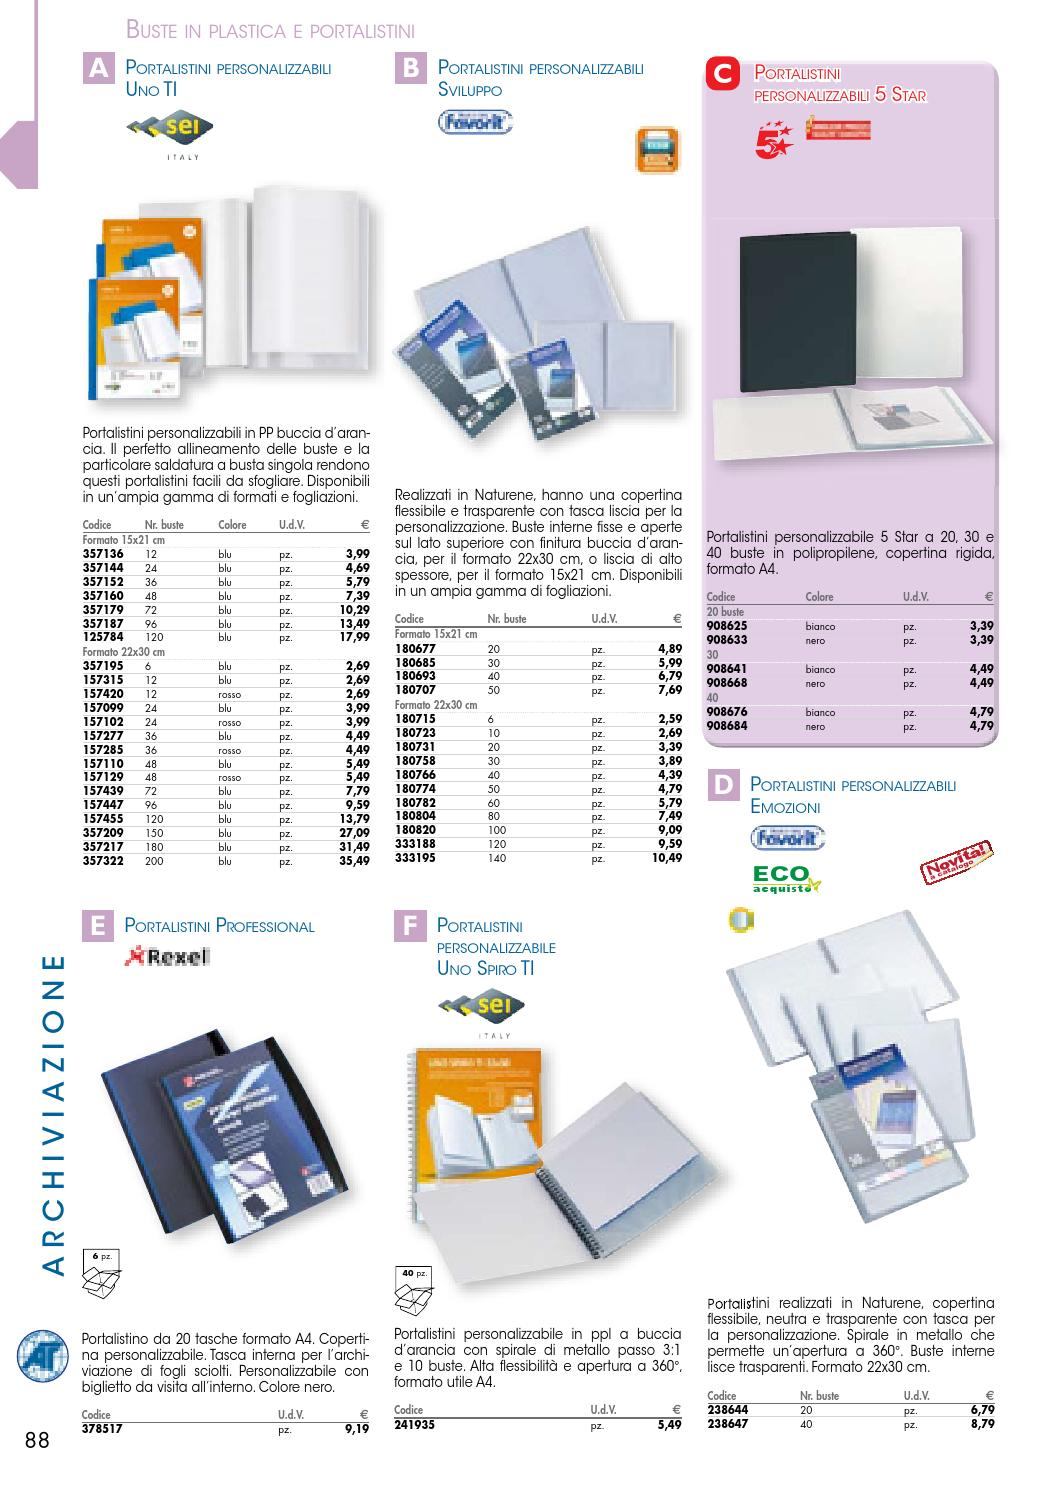 bianco 5 Star 908641 Portalistini personalizzabili 5 Star 30 buste codice 908641